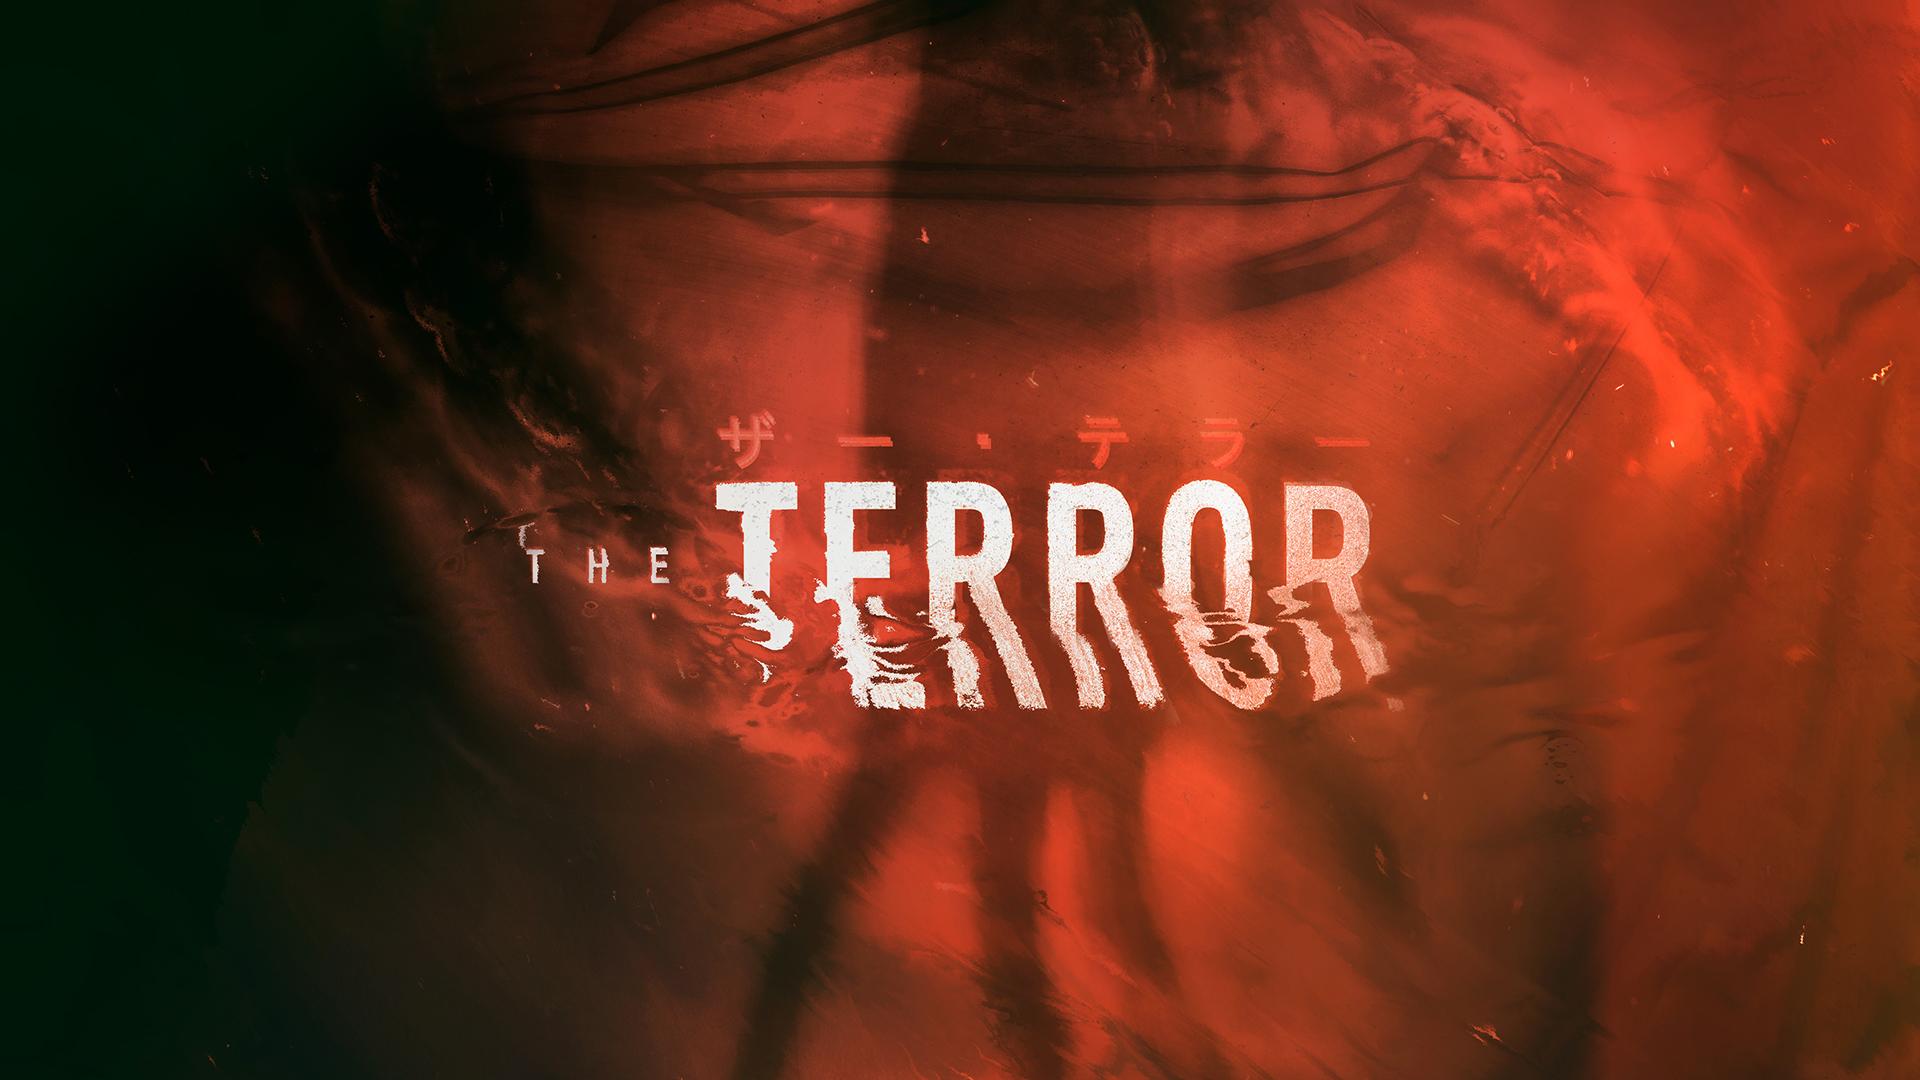 TERROR_S2_Concept01_09_TheTerror